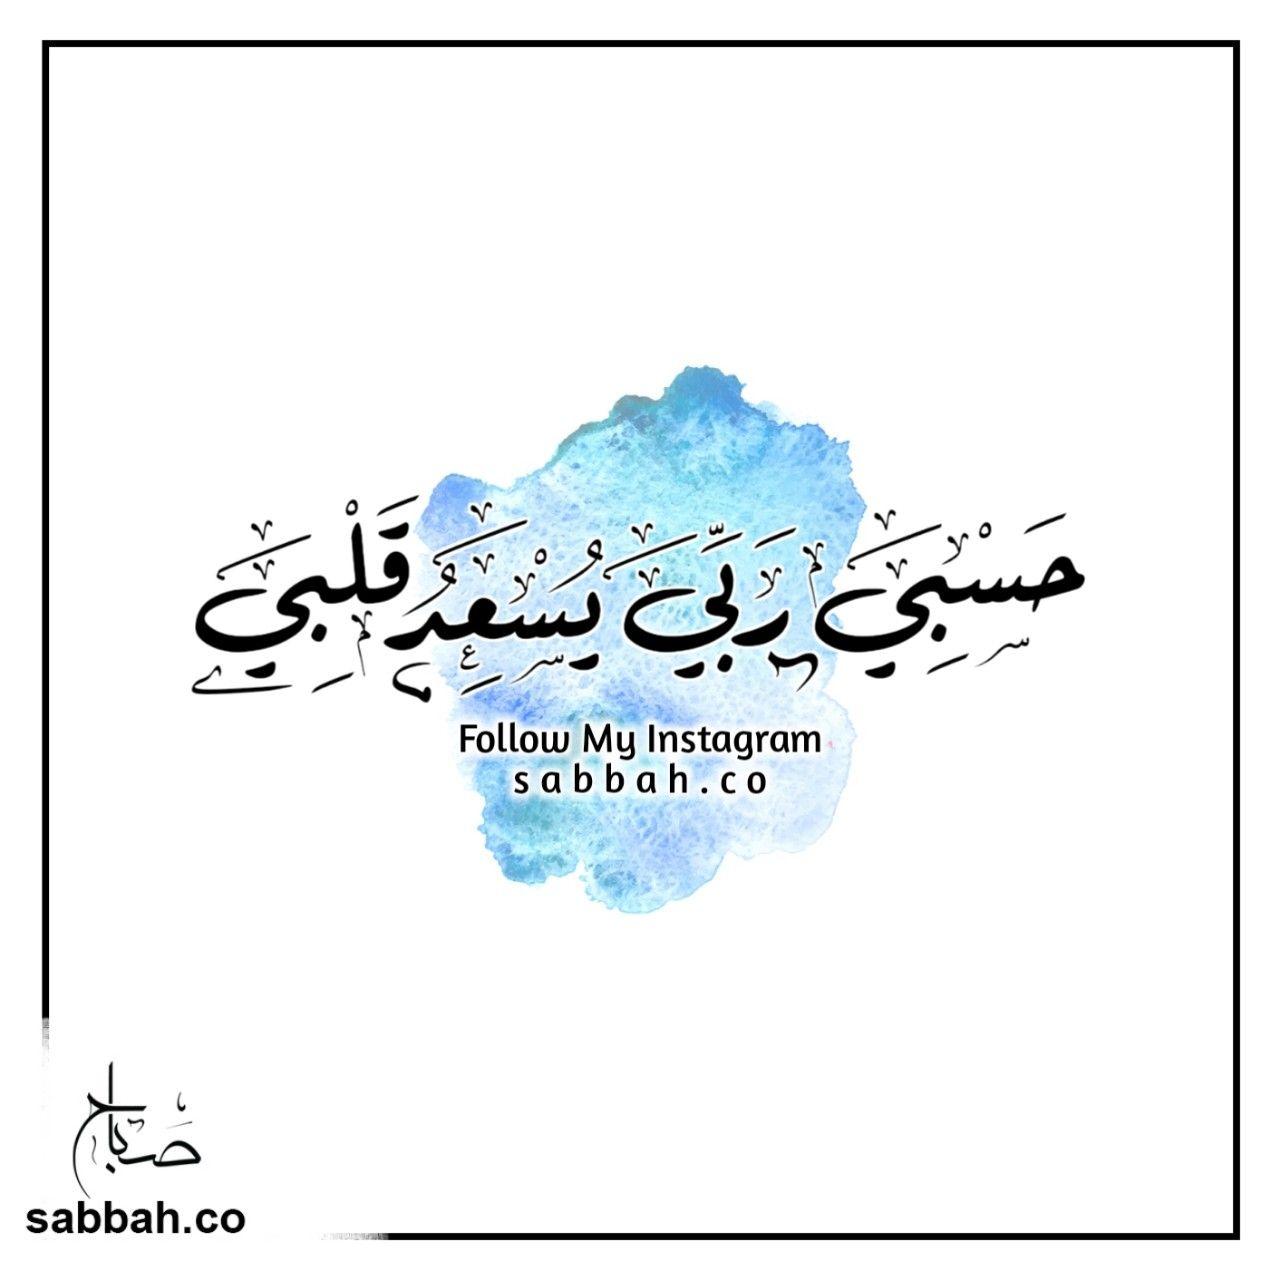 حسبي ربي يسعد قلبي Follow My Instagram Sabbah Co Www Sabbah Co دعاء اذكار استغفار صباح صباحكو ا Life Skills Ramadan Follow Me On Instagram